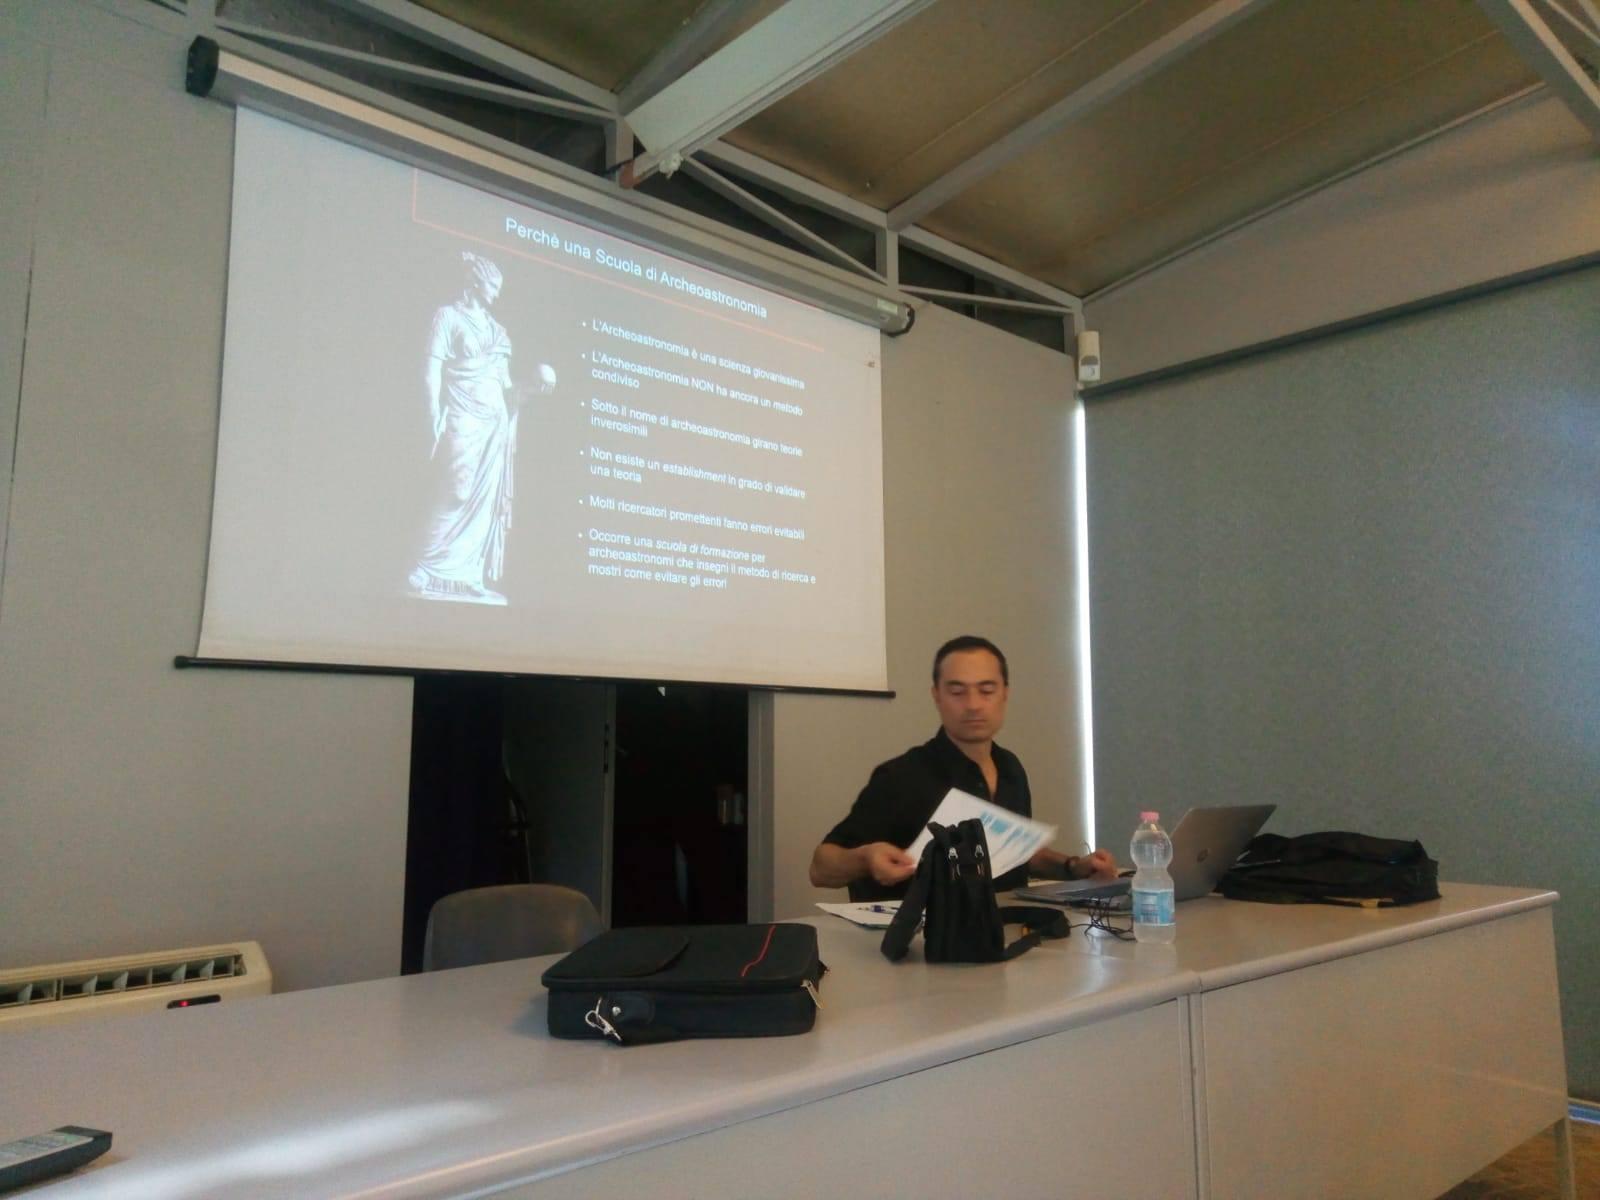 """Una delle prime slides della conferenza introduttiva: """"Perchè una scuola di Archeoastronomia"""""""